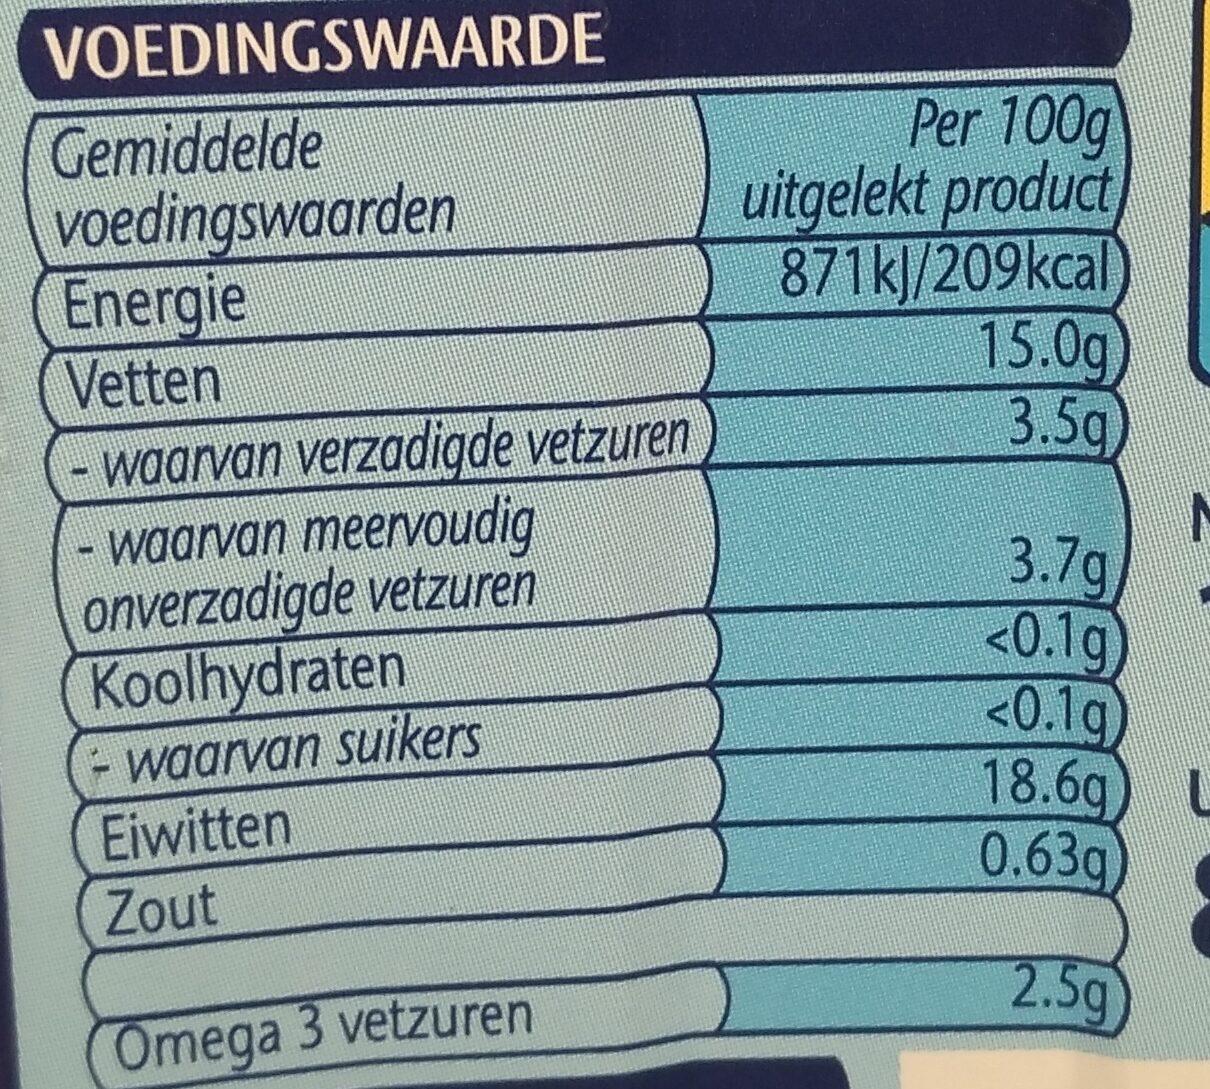 Makreel filets in water - Voedingswaarden - nl